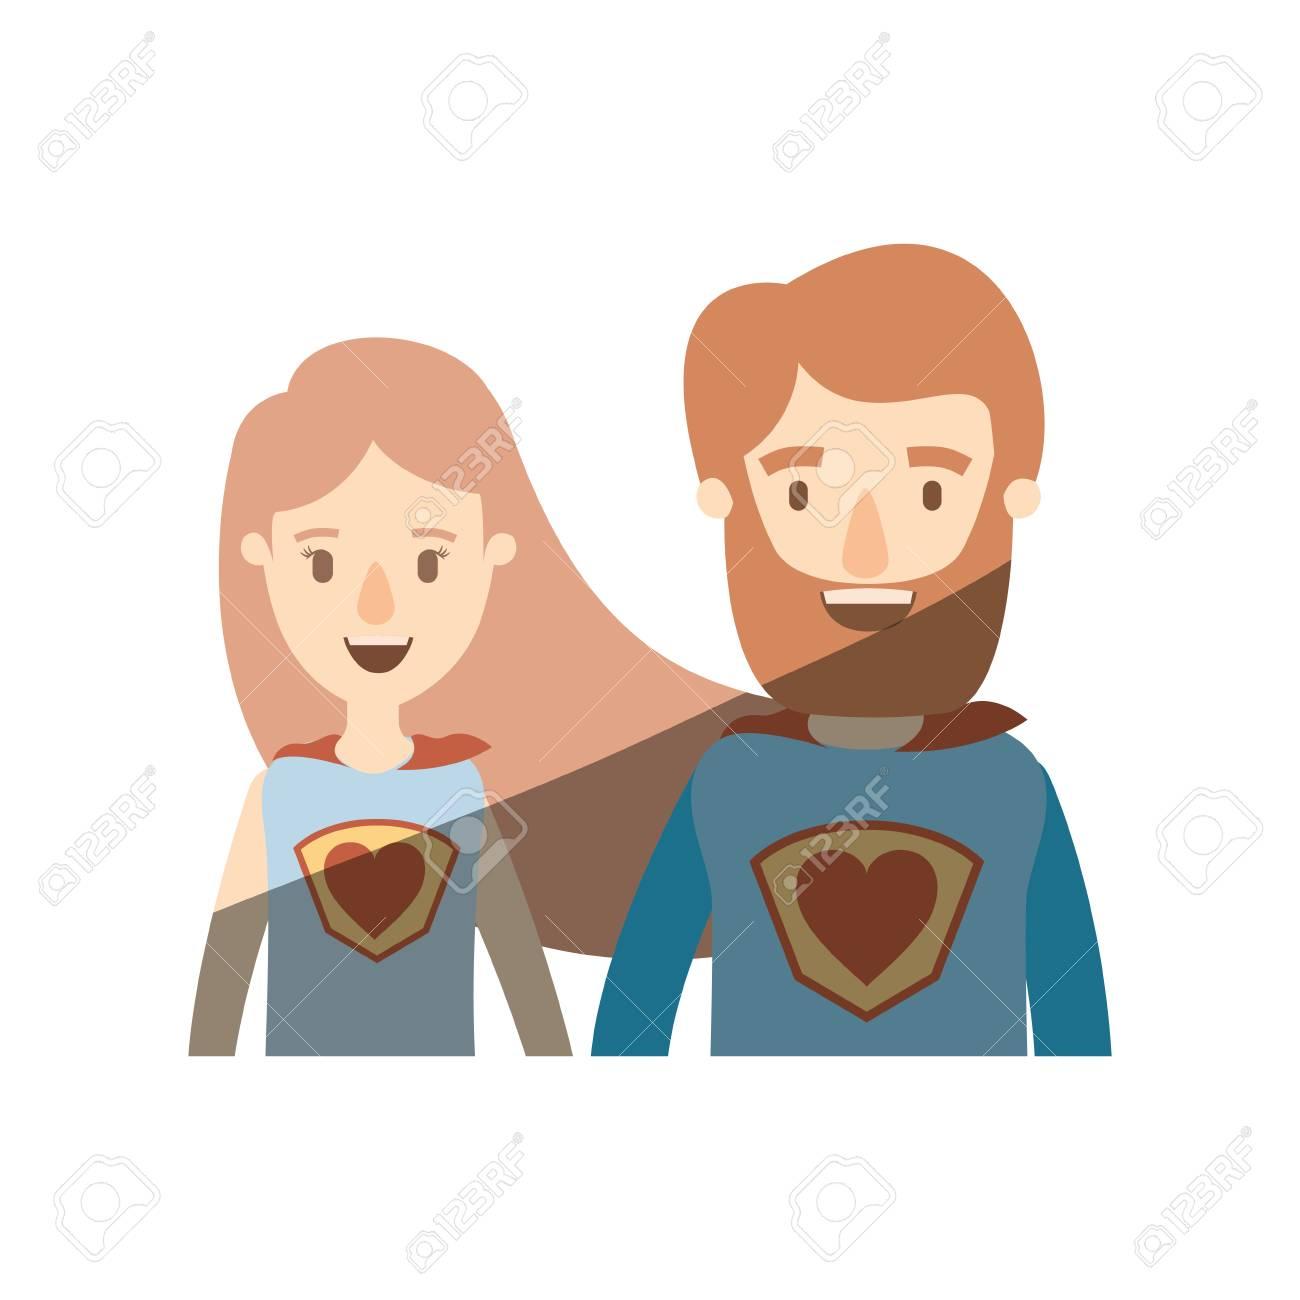 Eroe femminile e maschio eccellente delle metà del corpo di caricatura di ombreggiatura di colore leggero con il simbolo del cuore nell'illustrazione